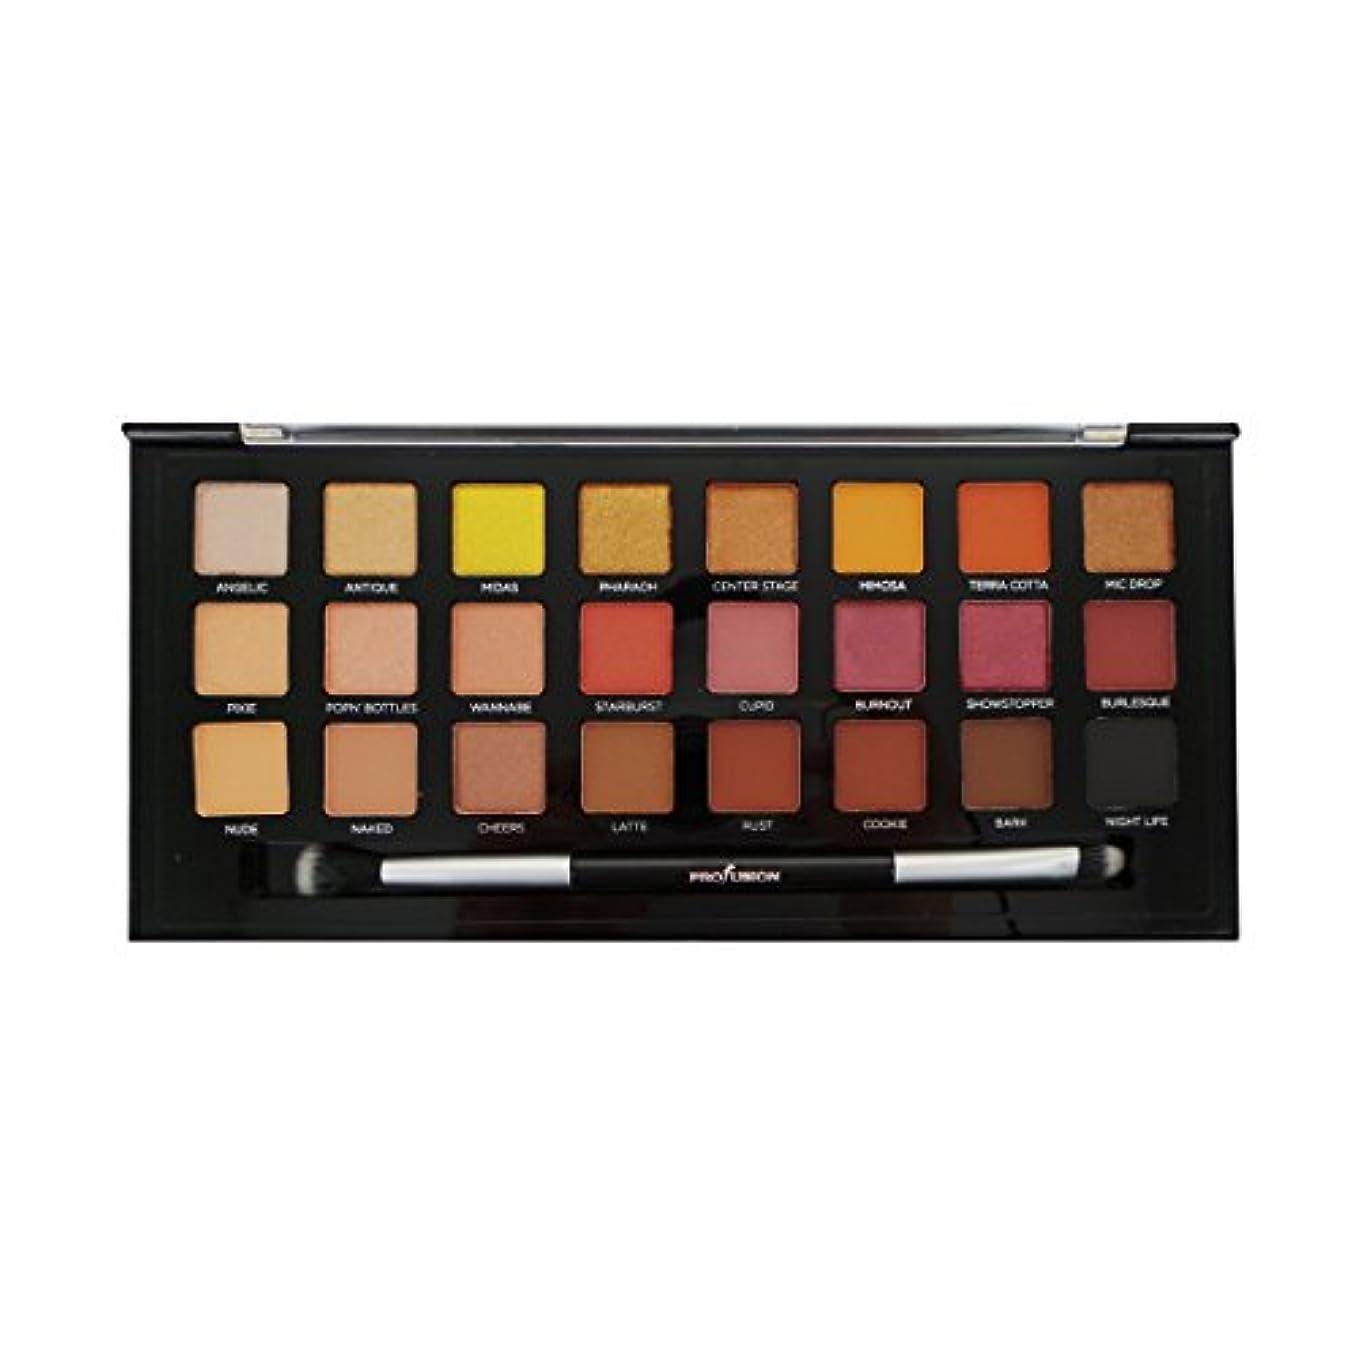 息切れバーガー天窓PROFUSION Glitter & Glam 24 Eyeshadow Palette (並行輸入品)